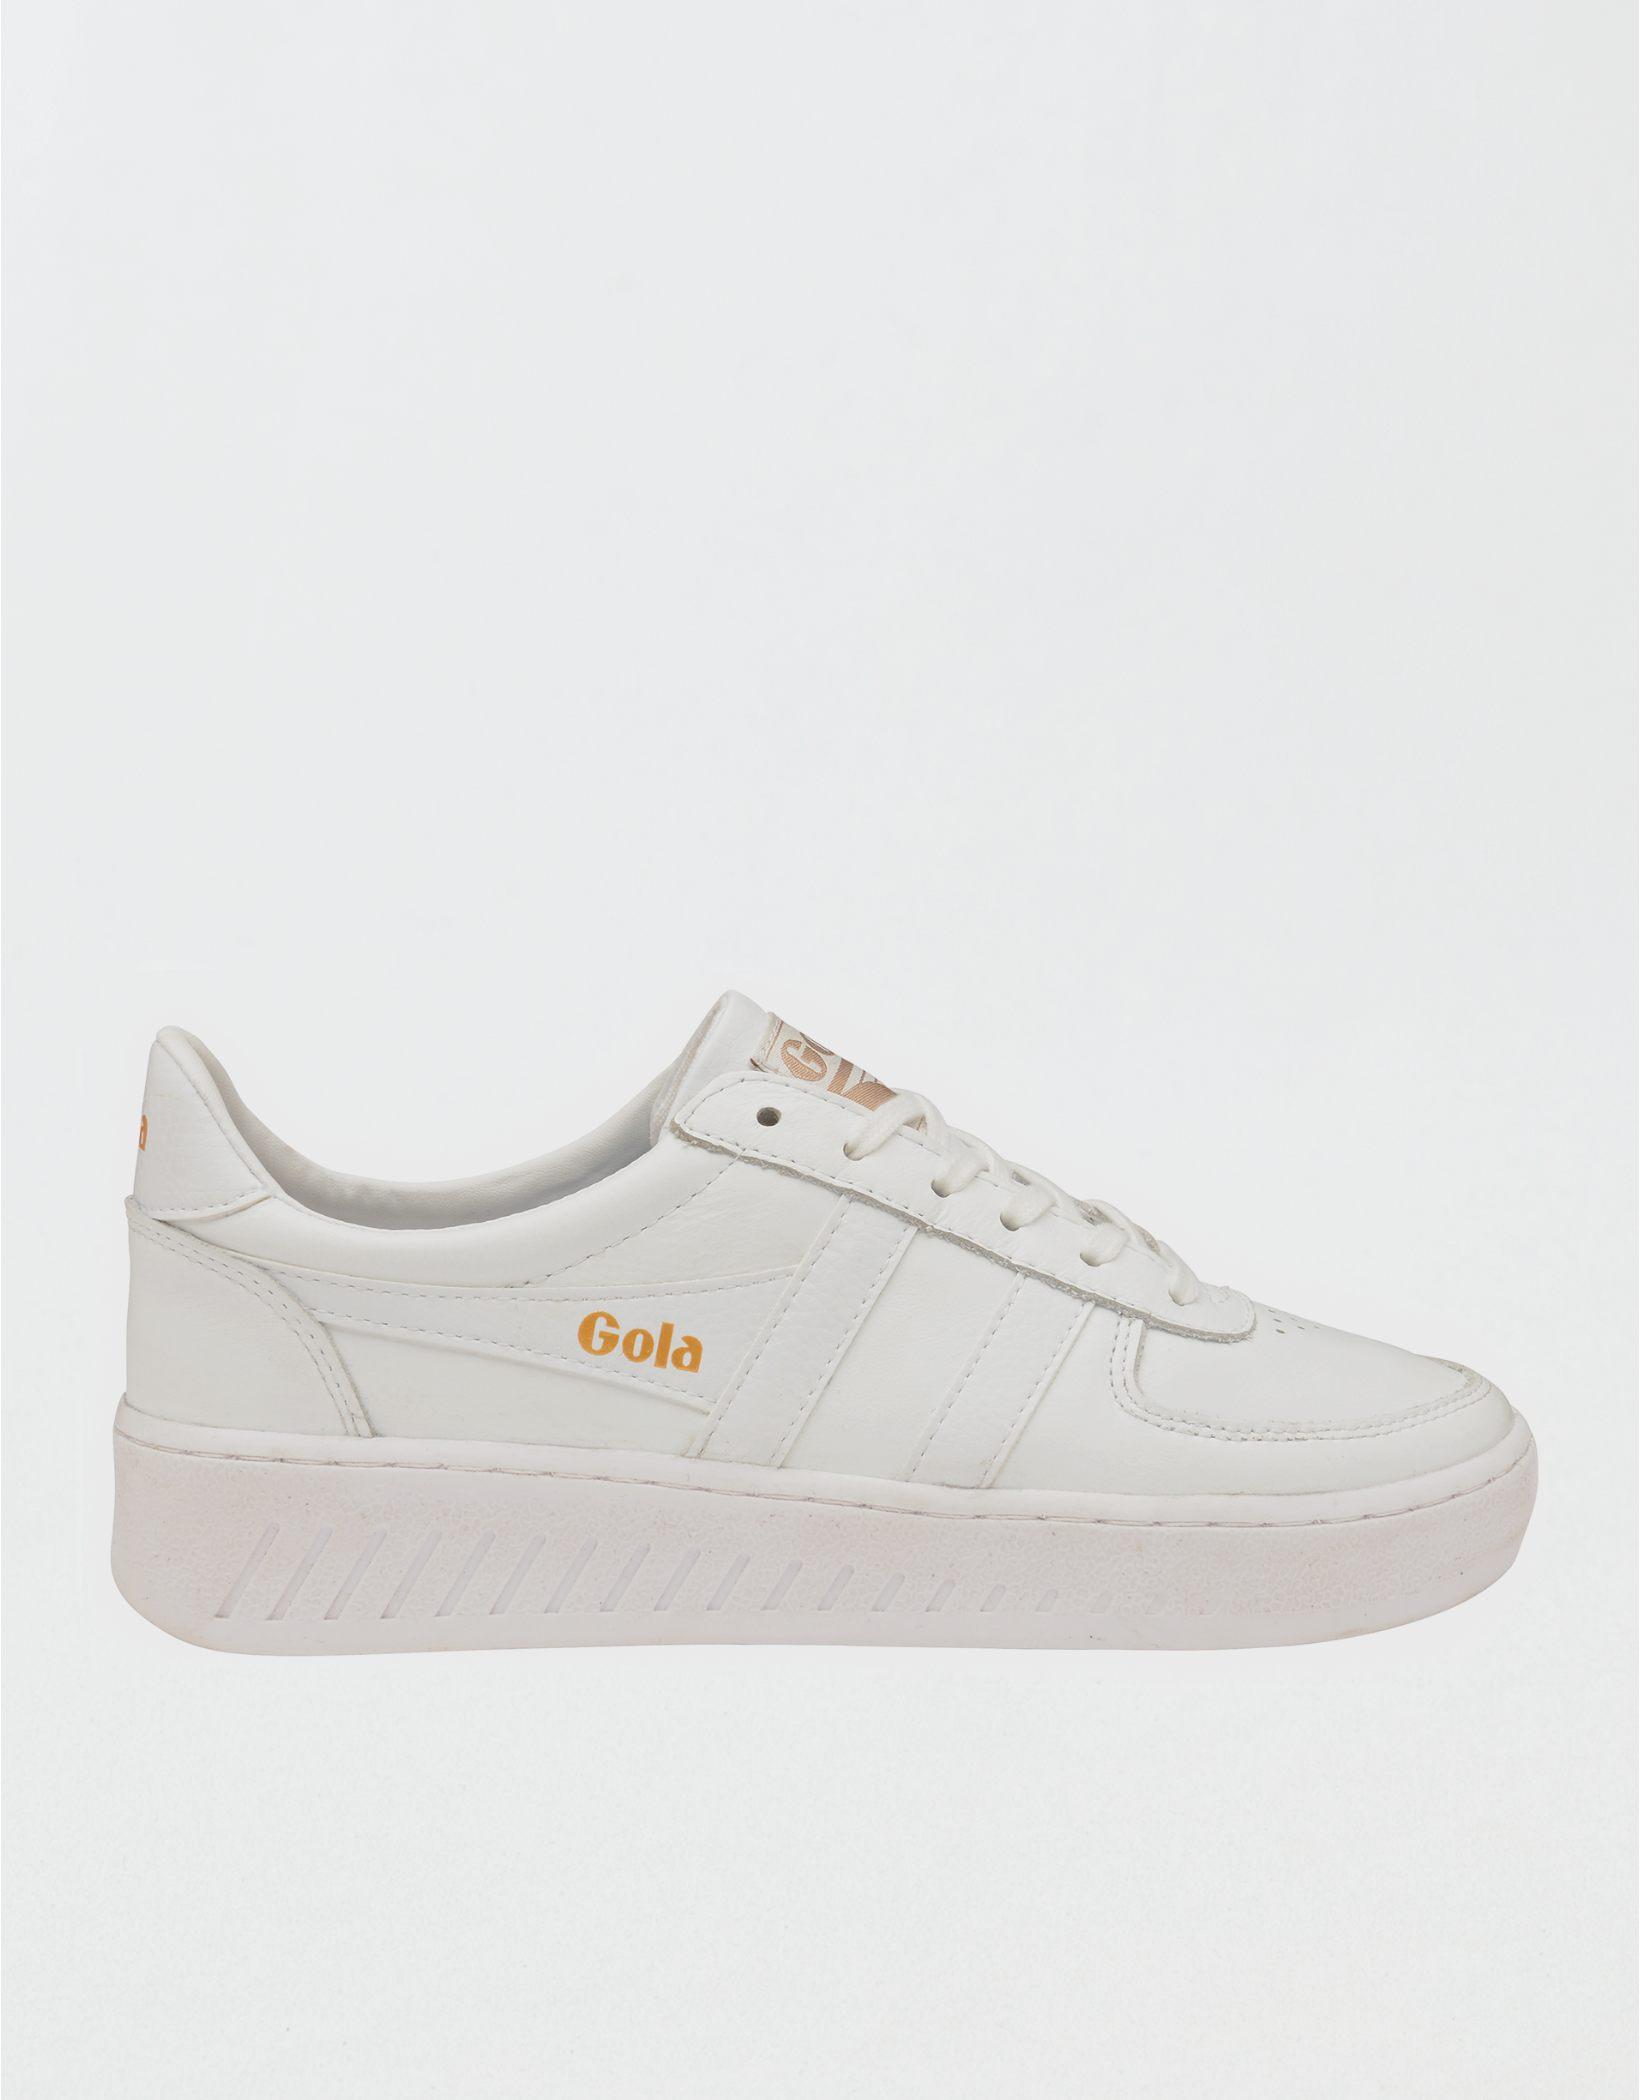 Gola Grandslam Sneaker